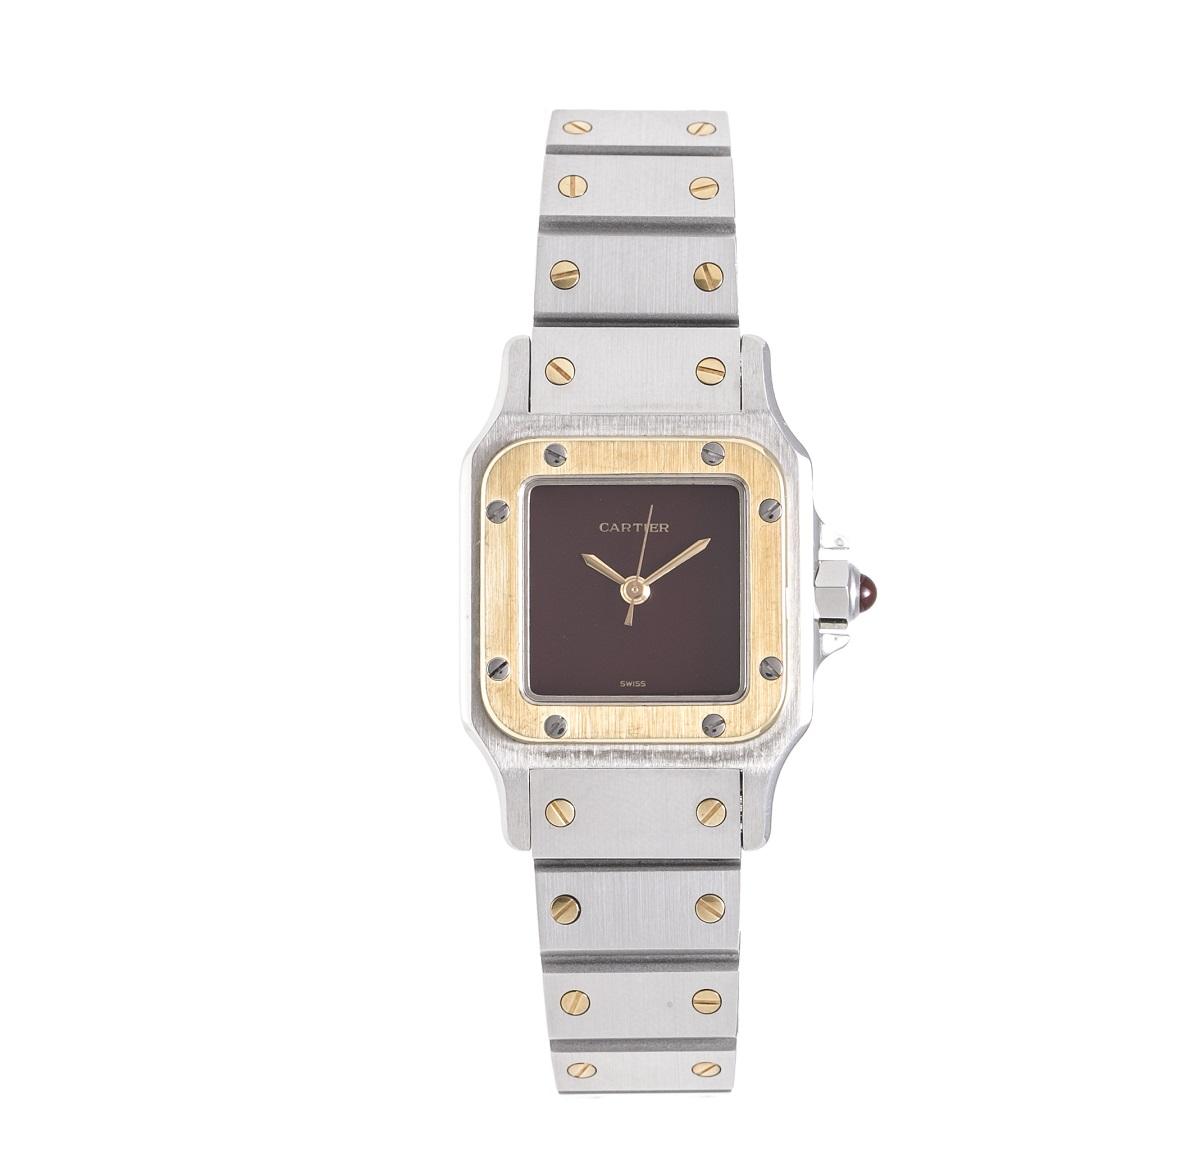 カルティエ Cartier サントスガルベ レディース 腕時計 SS/YG 自動巻き AT ボルドー文字盤 送料無料 【トレジャースポット】【中古】